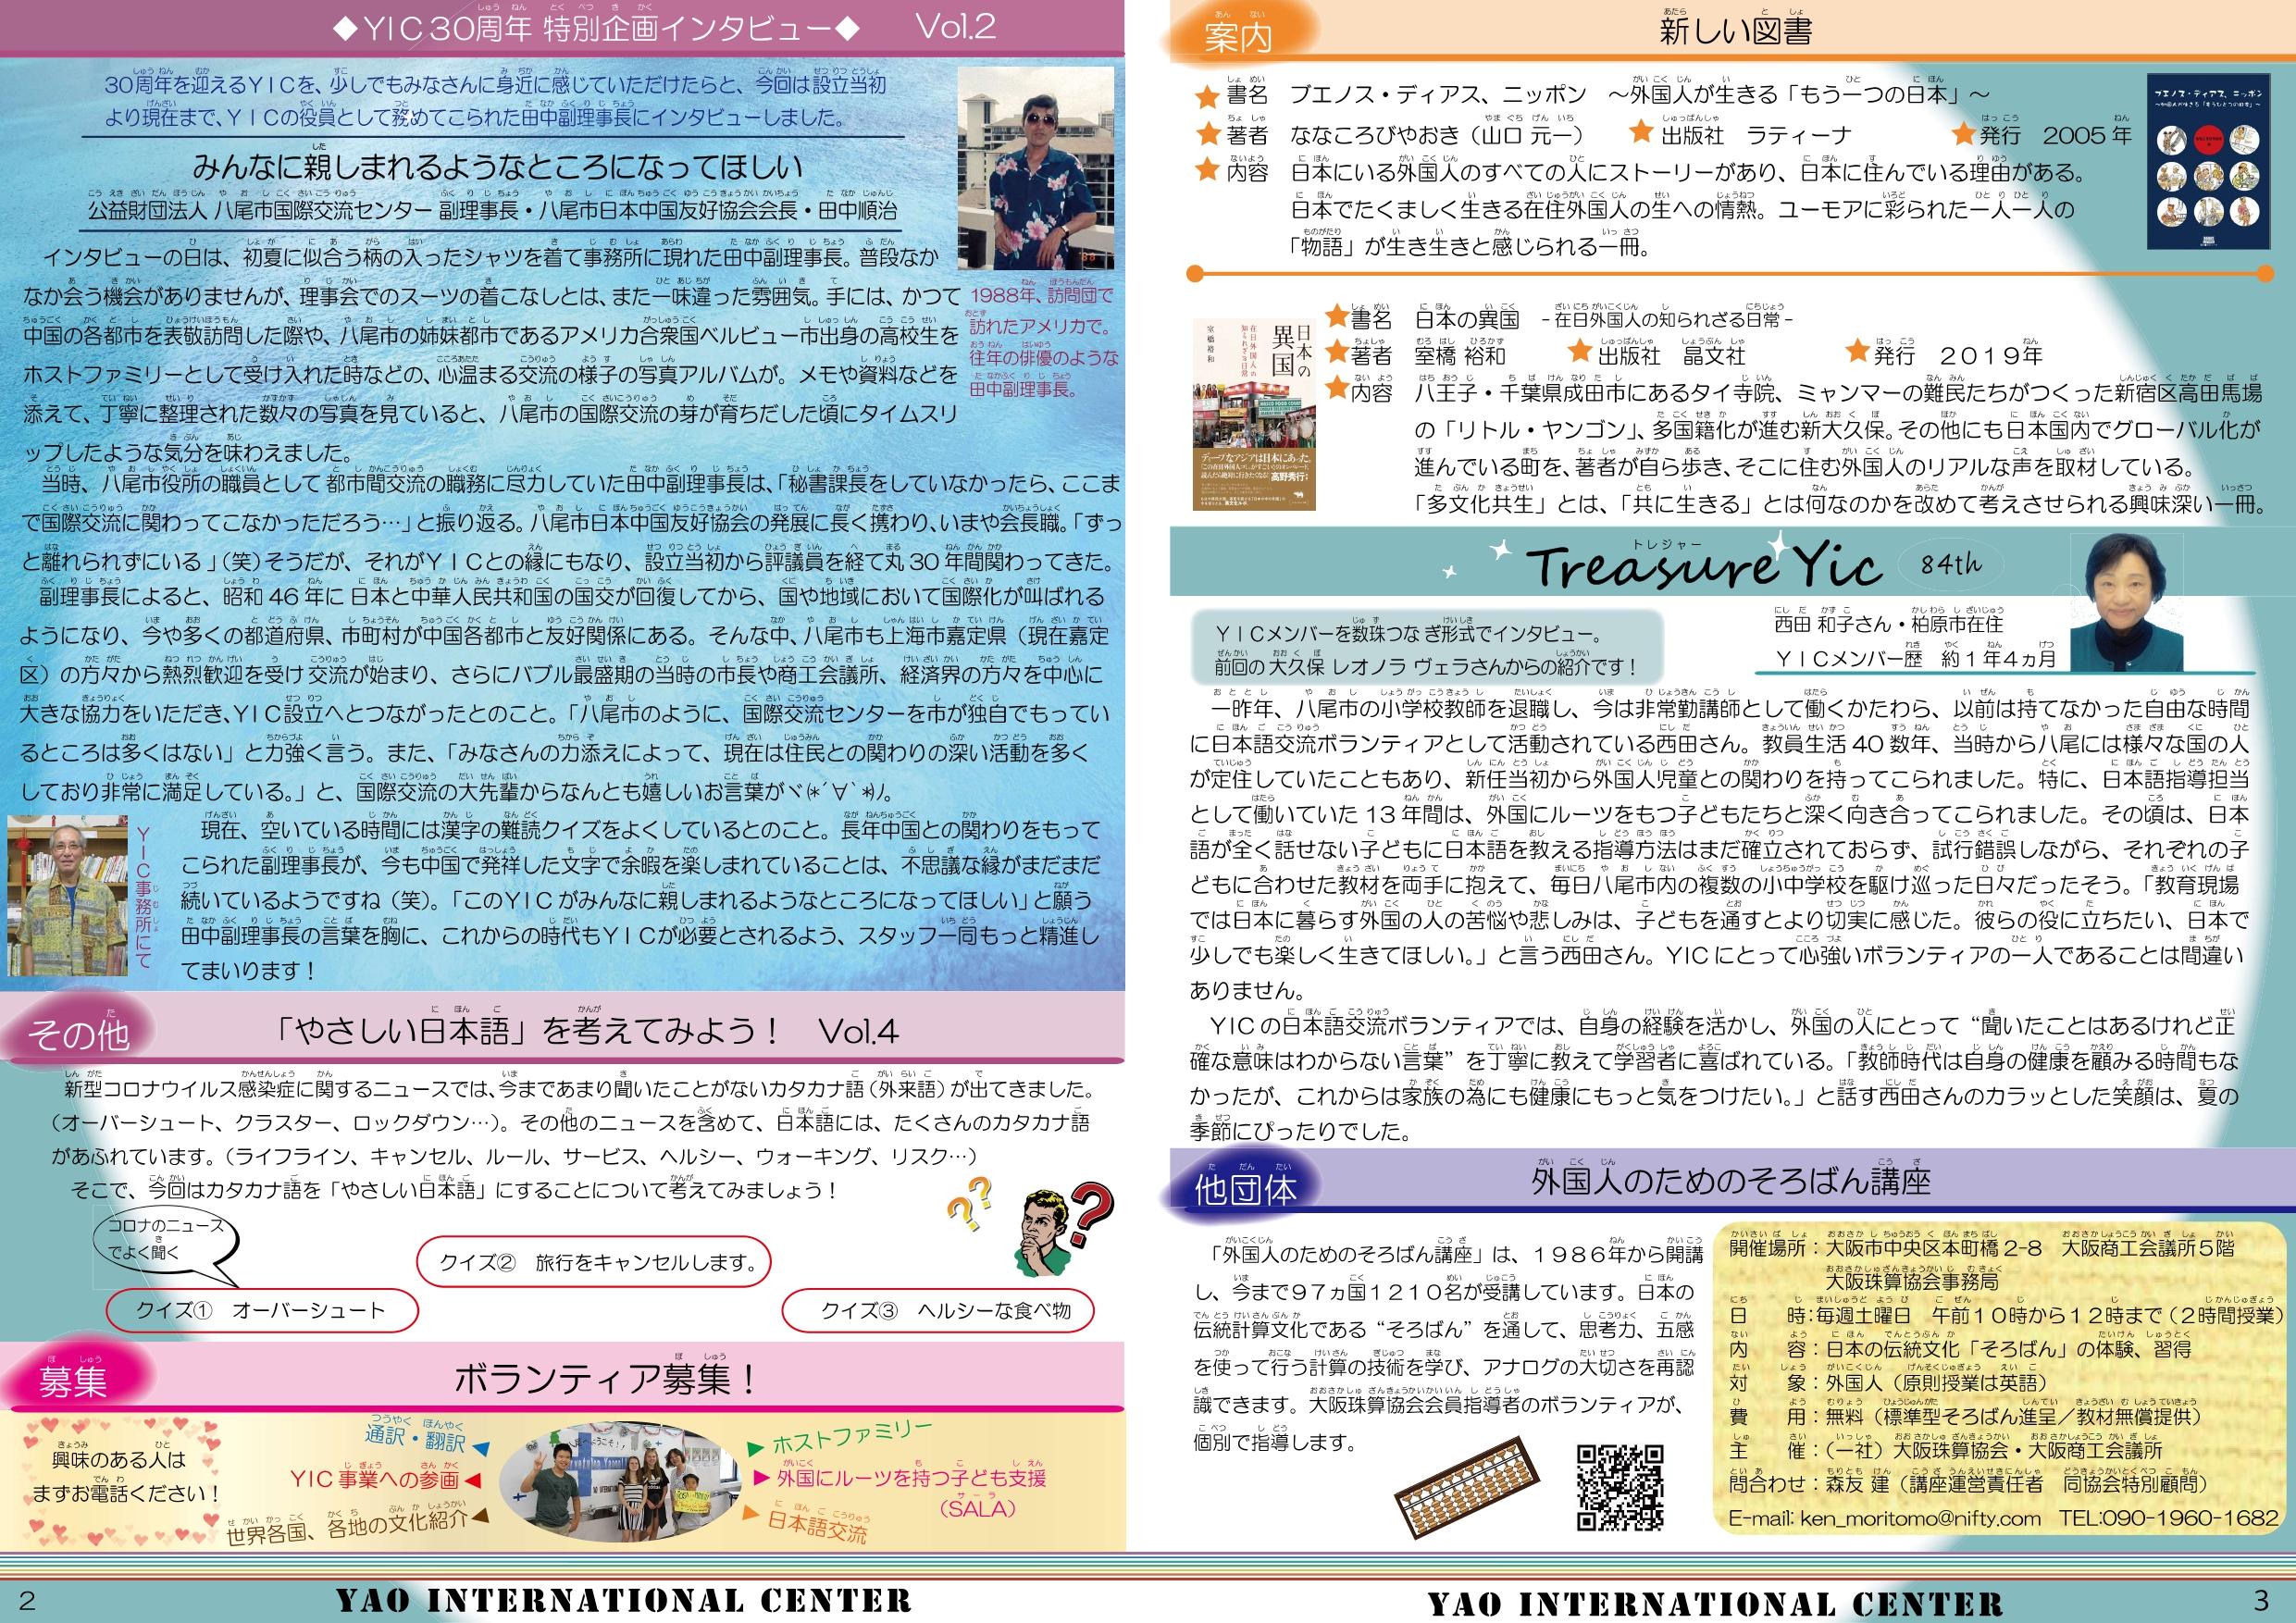 最新号2ページ目